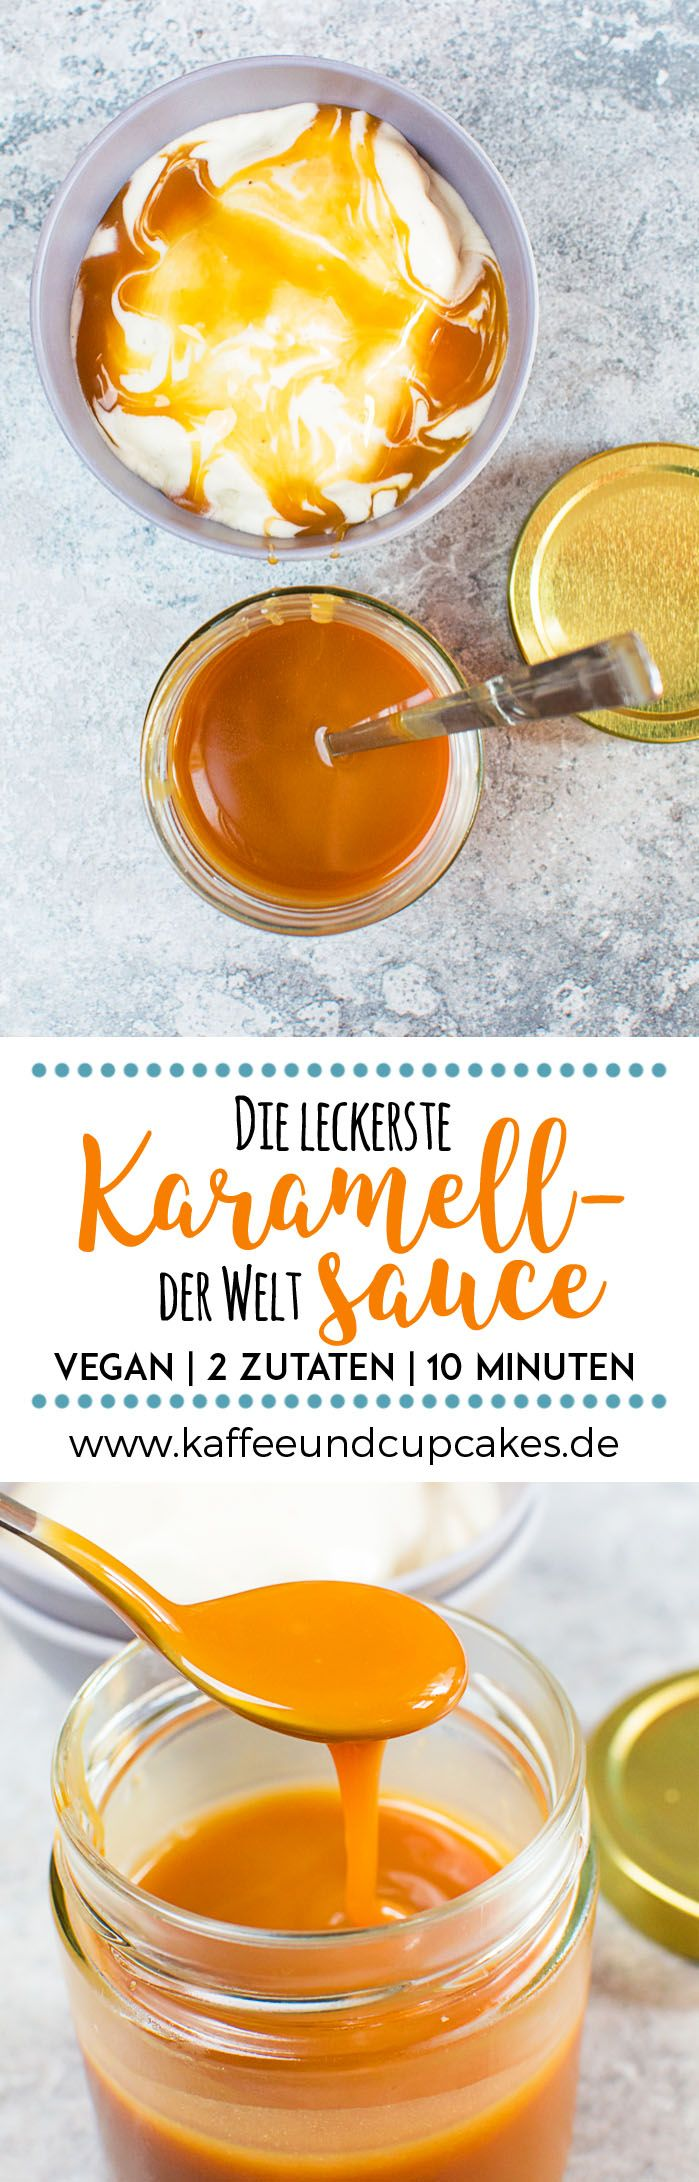 Die leckerste Karamellsauce der Welt: 2 Zutaten, 10 Minuten, vegan